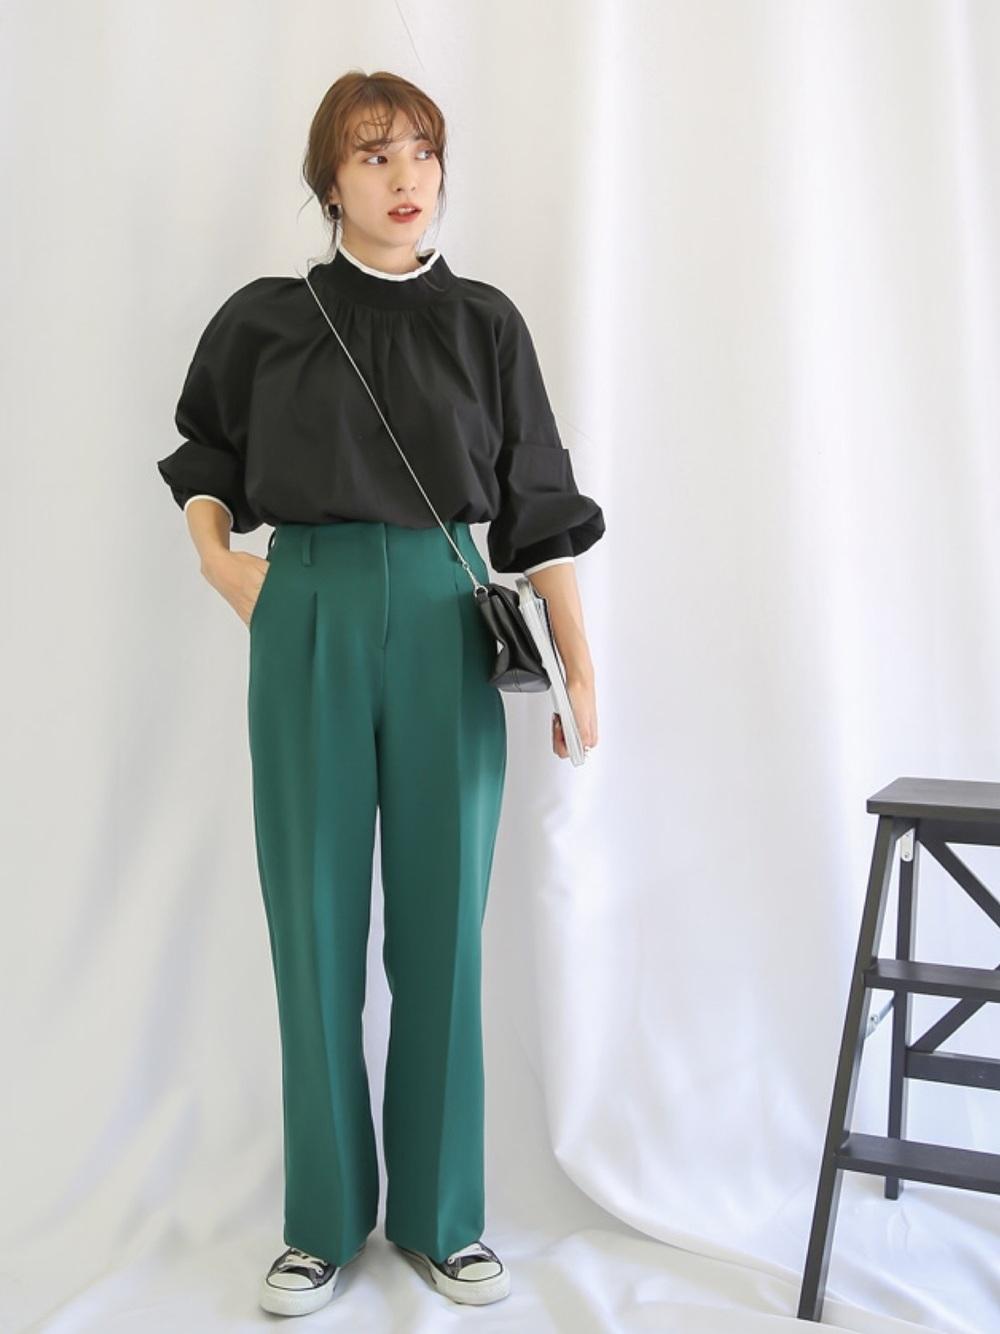 黒ブラウス×緑パンツ